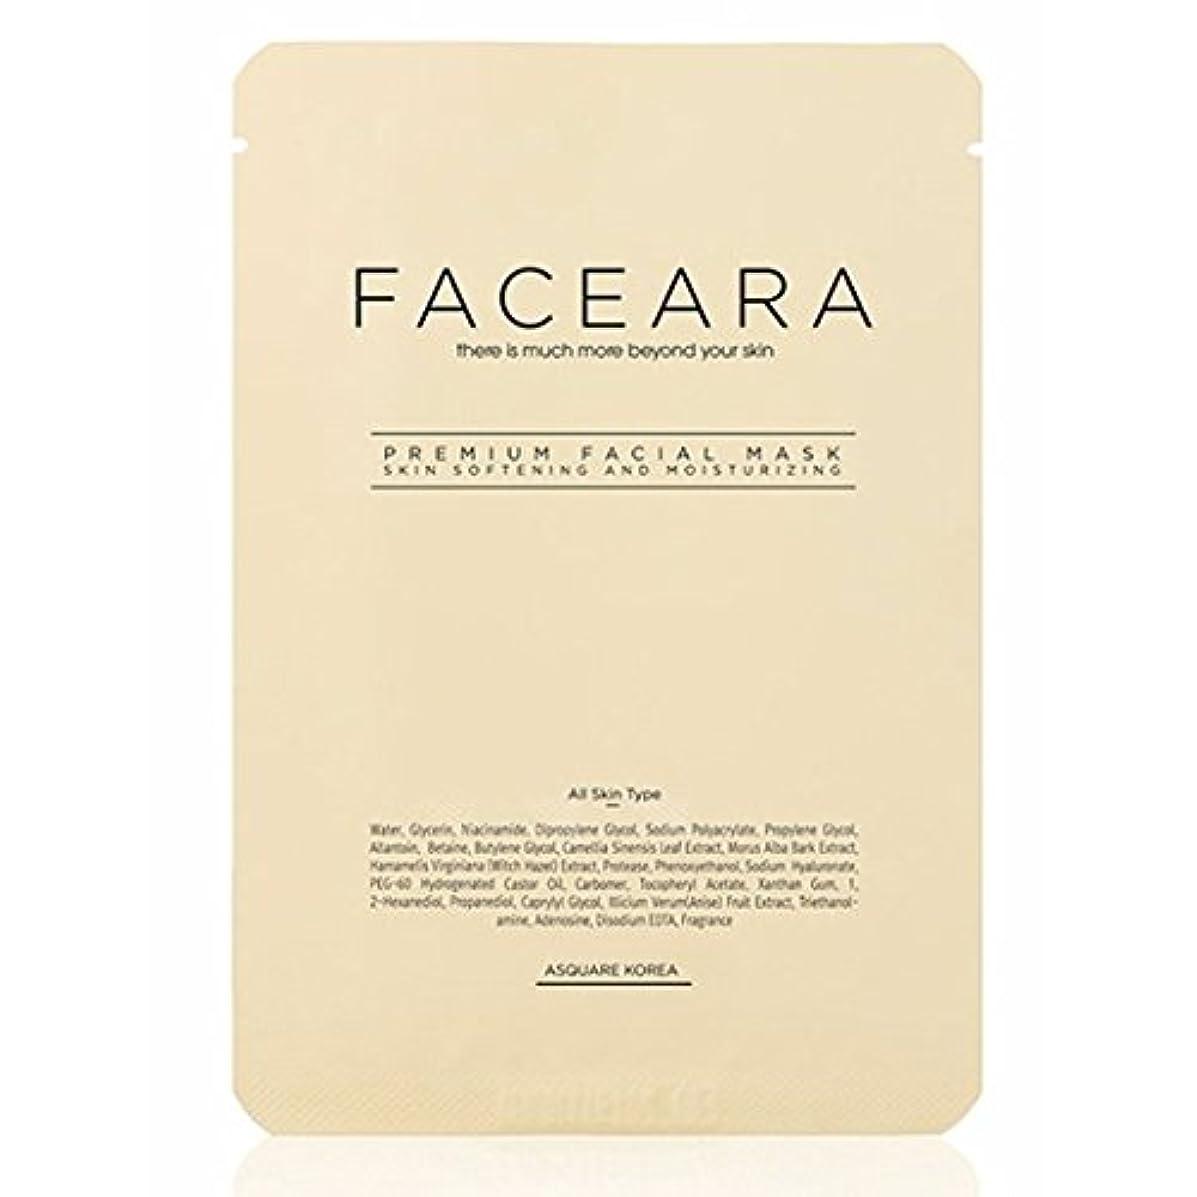 迷路フェミニン多年生[並行輸入品] FACEARA スクラブ&スーパーモイスチャライザー用プレミアムフェイシャルマスクシート25g 10本セット / FACEARA Premium Facial Mask Sheet for Scrub &...